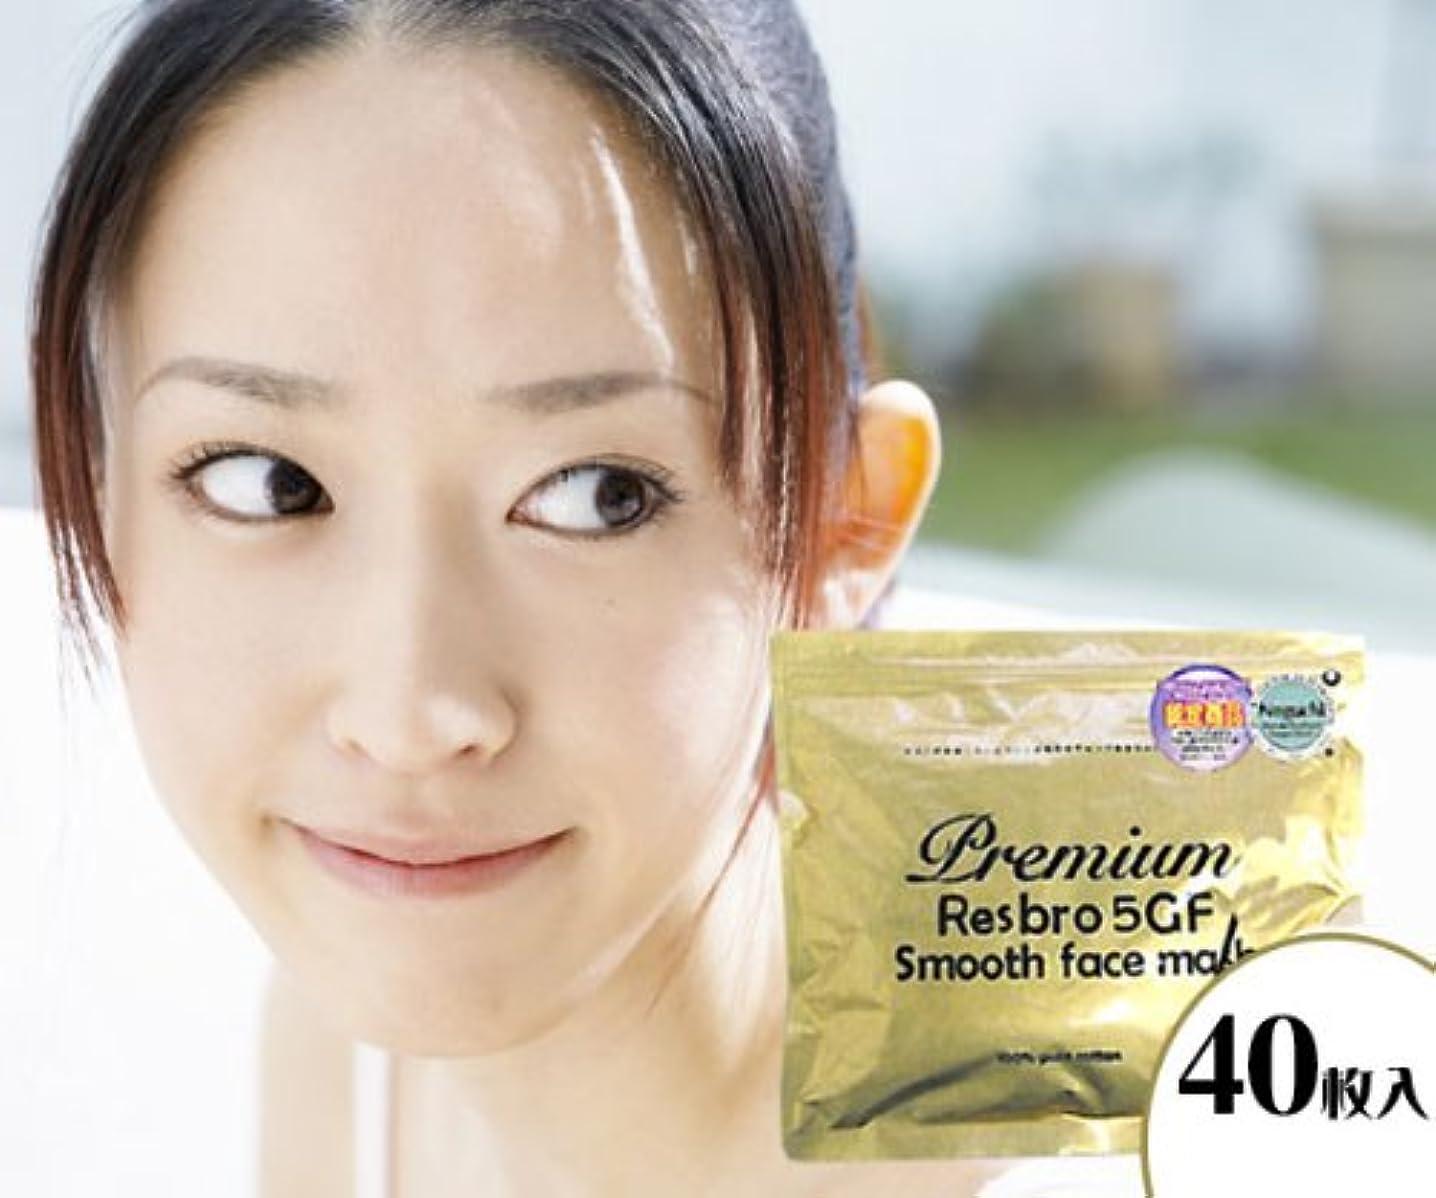 しかし実現可能哲学レスブロ5GFスムースフェイスマスク 40枚入り (こちらの商品の内訳は『40点』のみ)